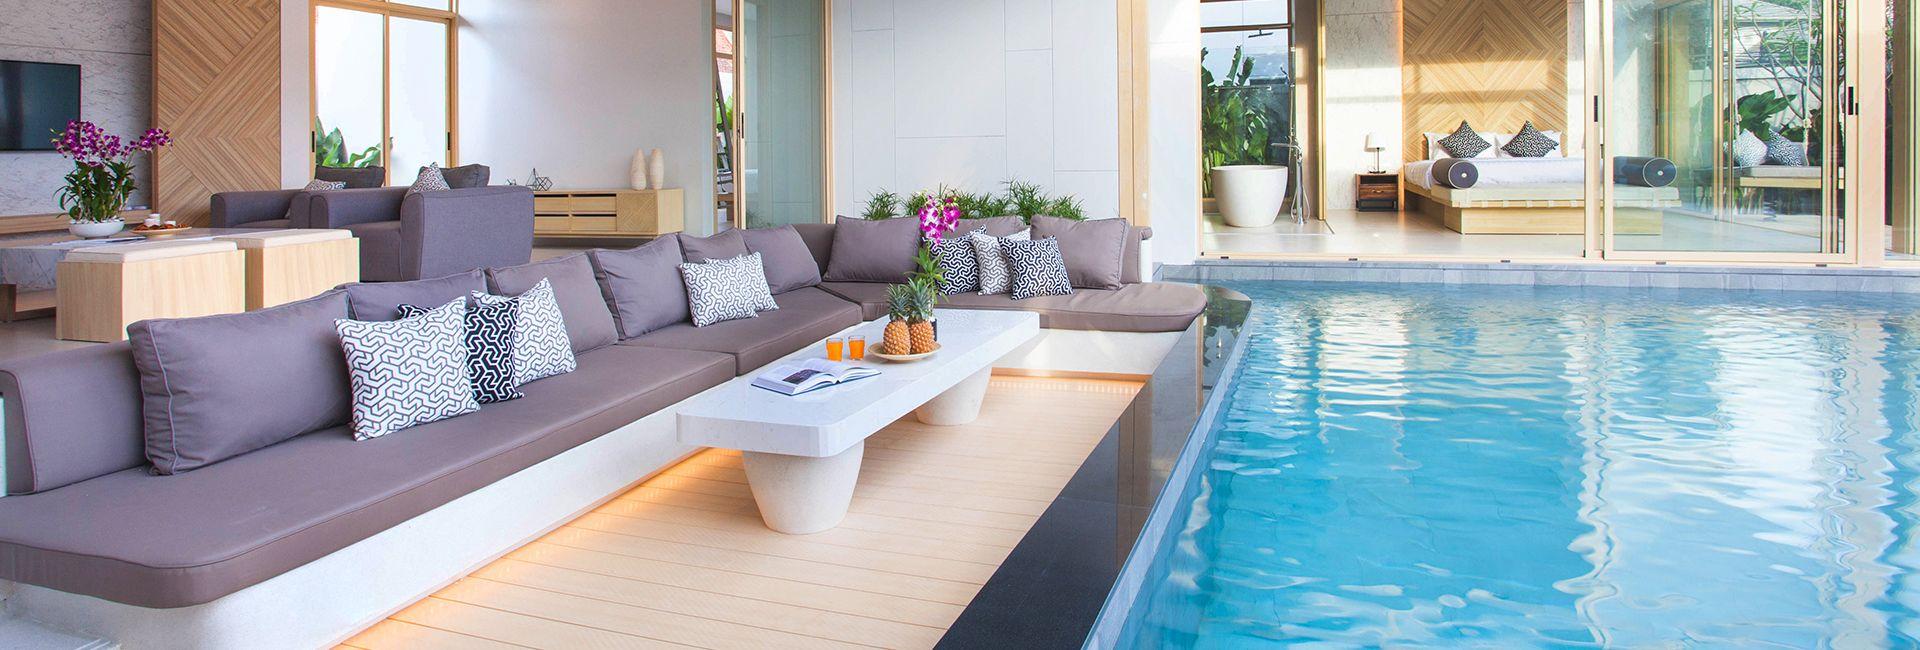 Top 10 khách sạn có hồ bơi đẹp nhất ở Sài Gòn